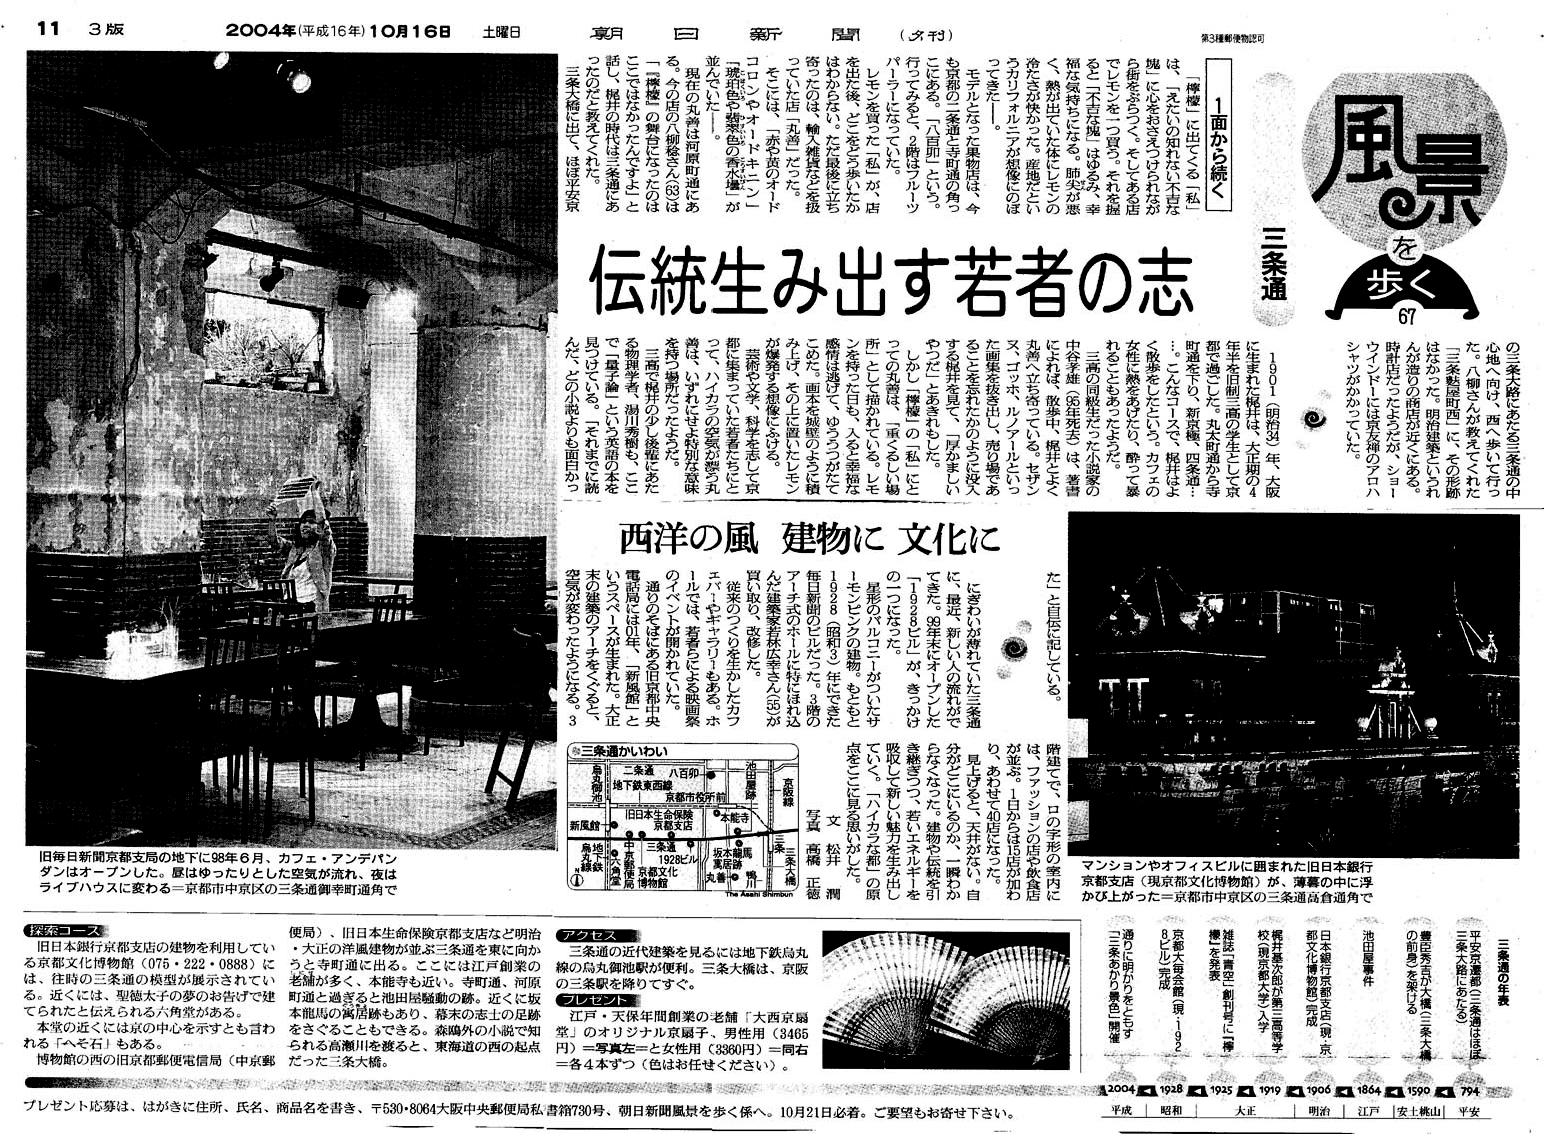 20130118-asahi4_16.10.16.jpg